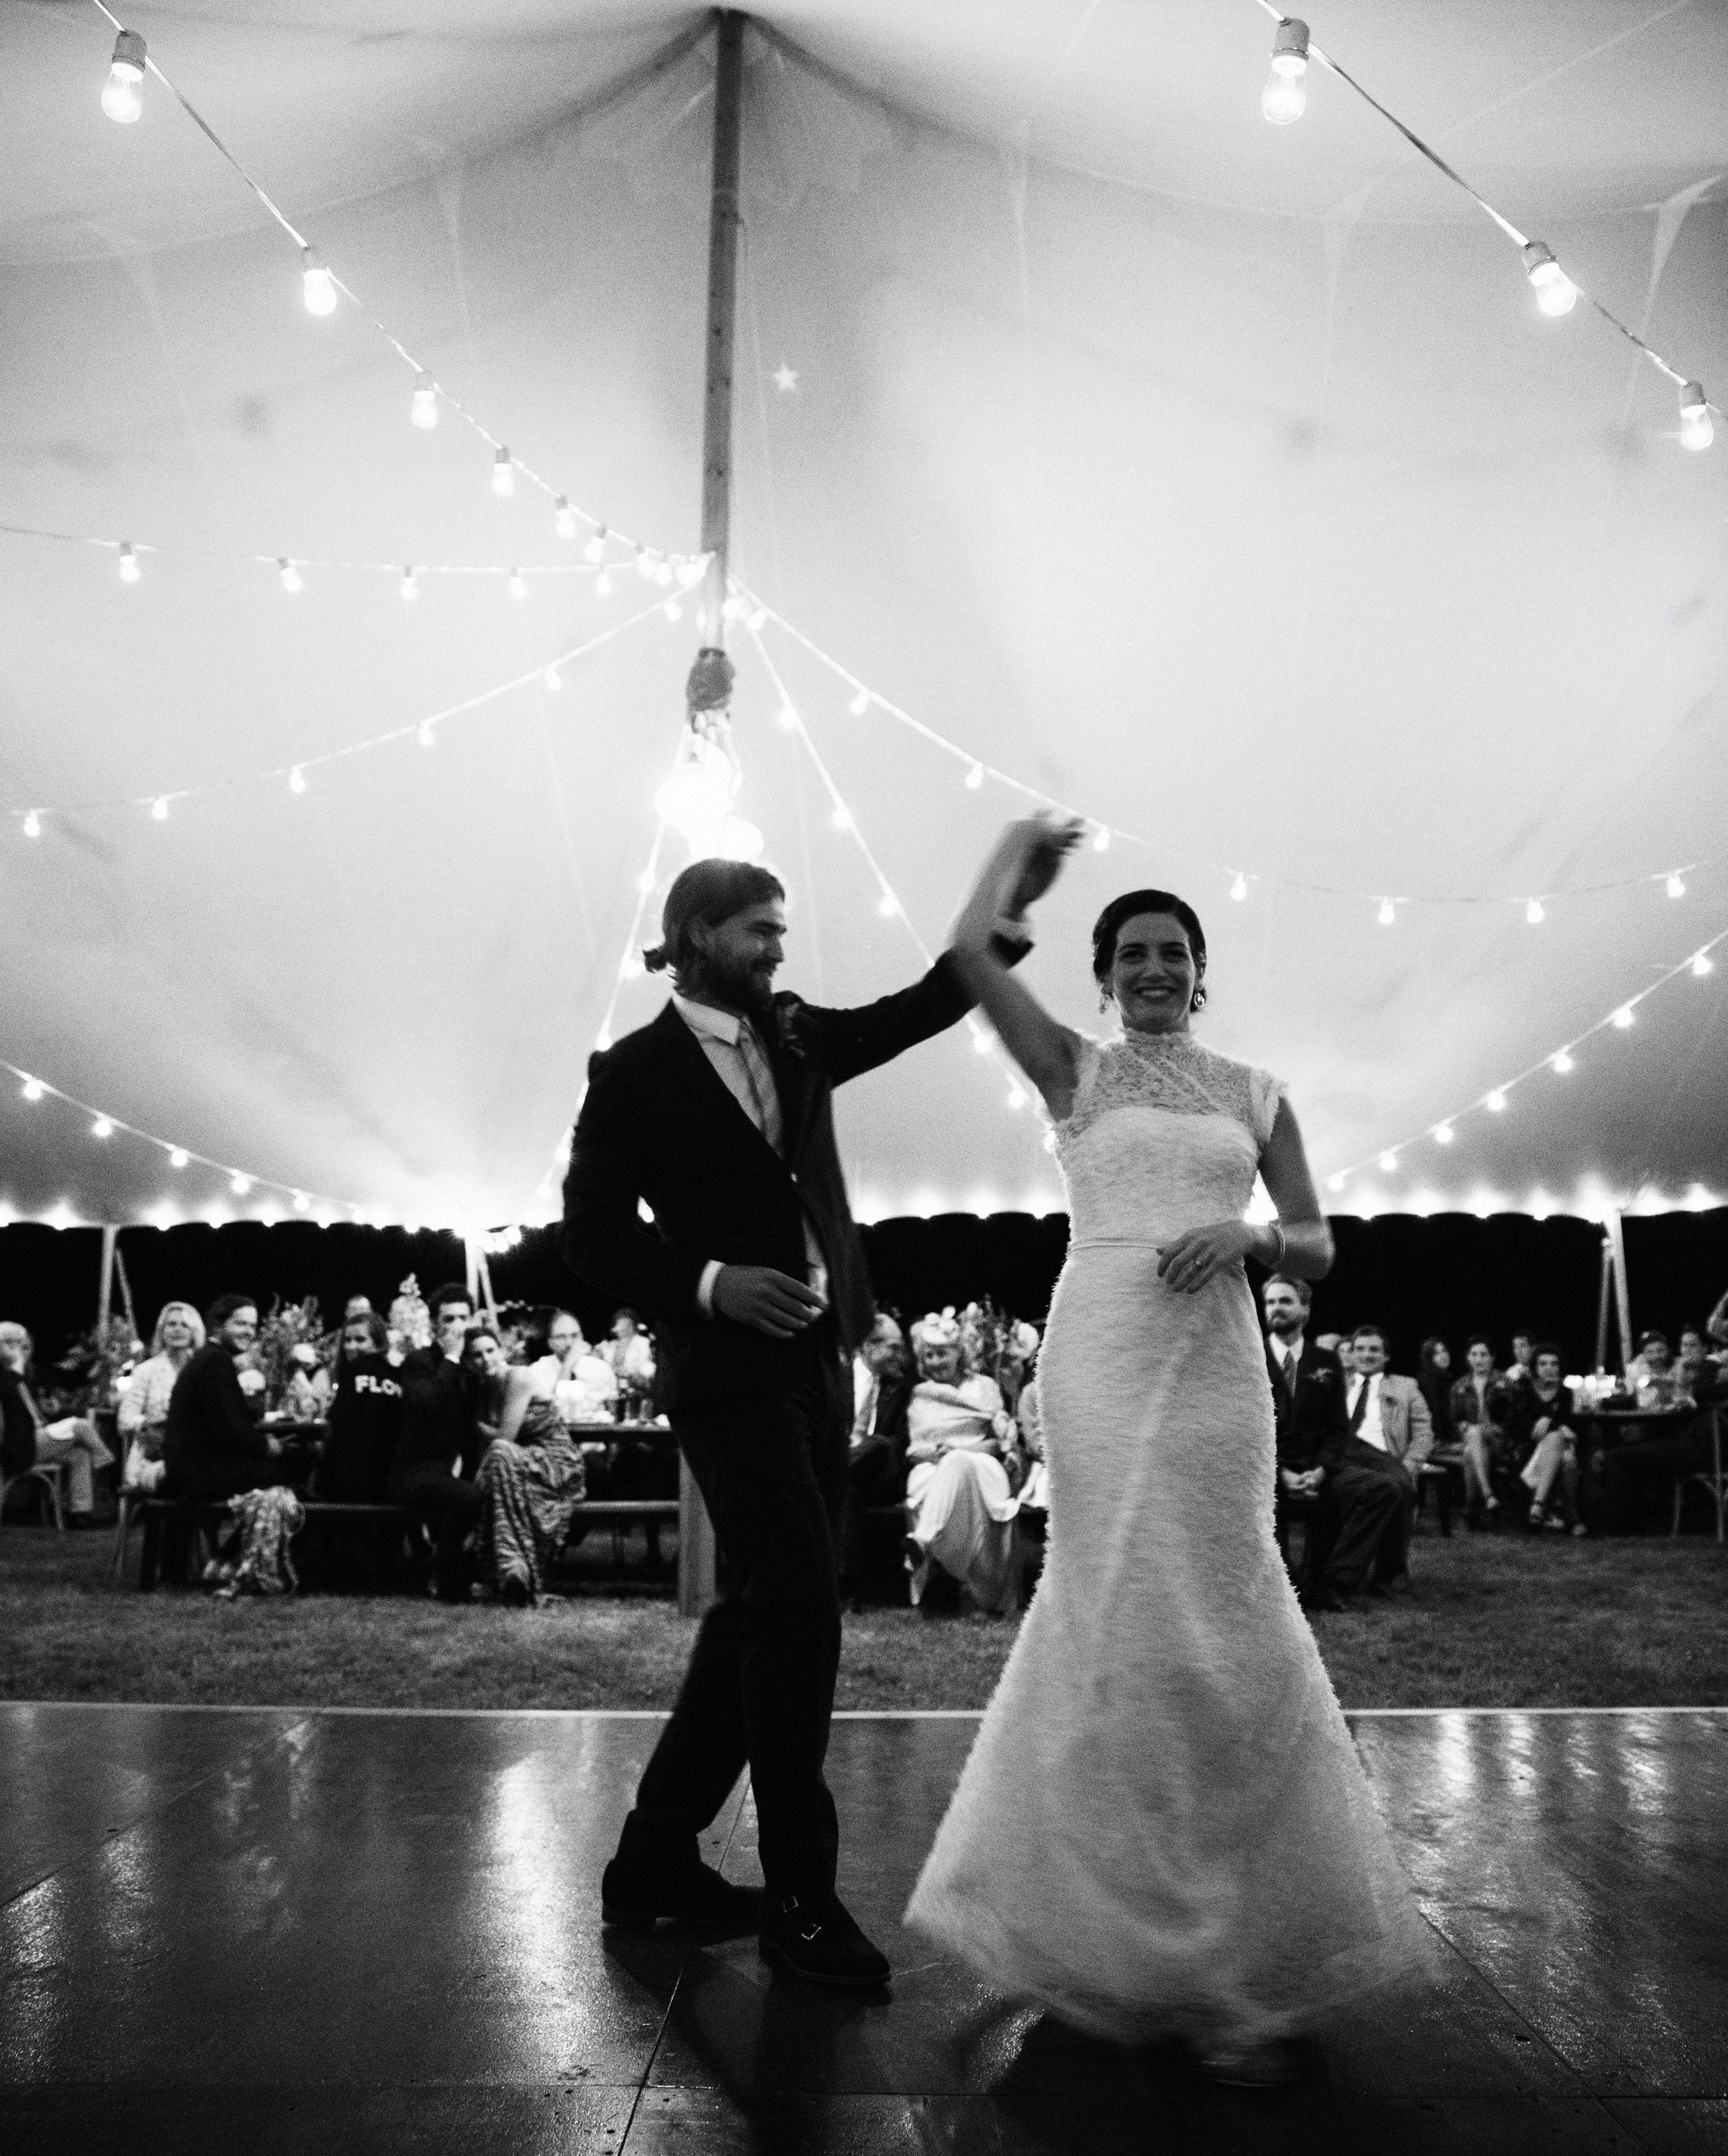 lilly-carter-wedding-firstdance-00718-s112037-0715.jpg